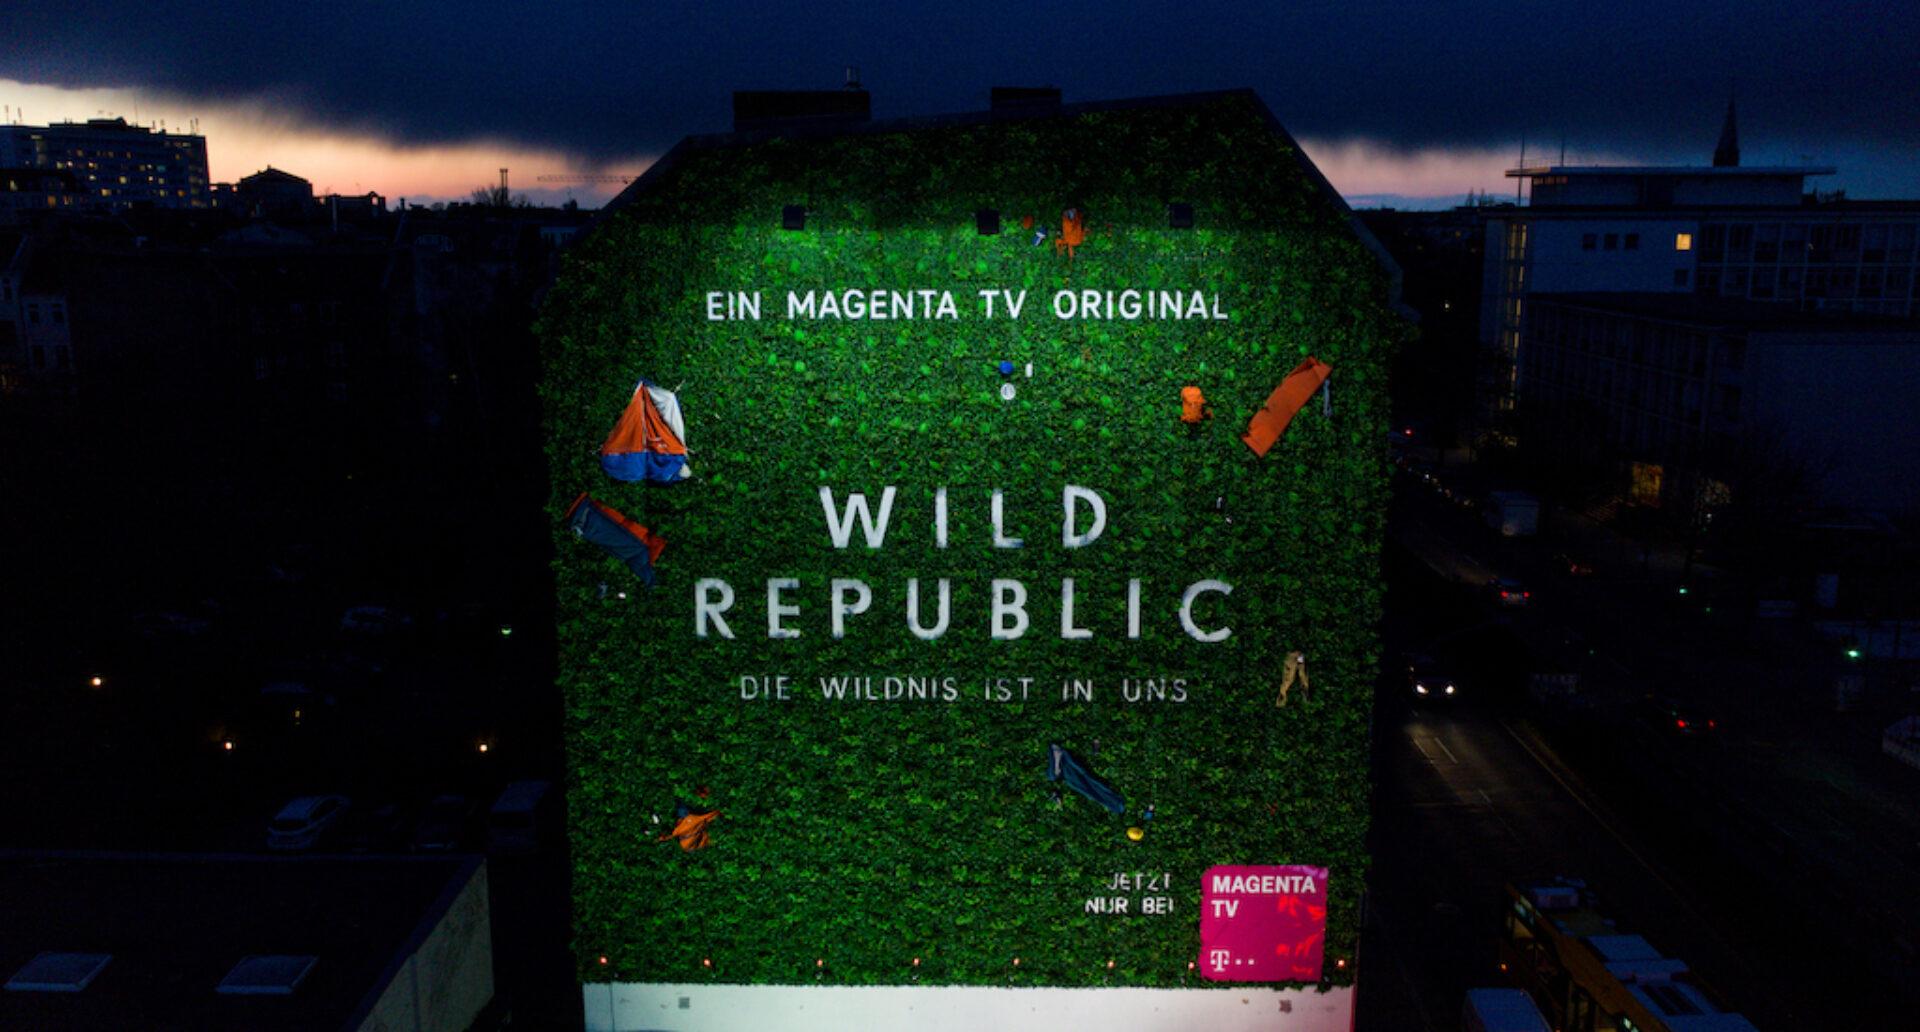 Wild Billboard Berlin MagentaTV Serie Wild Republic Copyright Deutsche Telekom